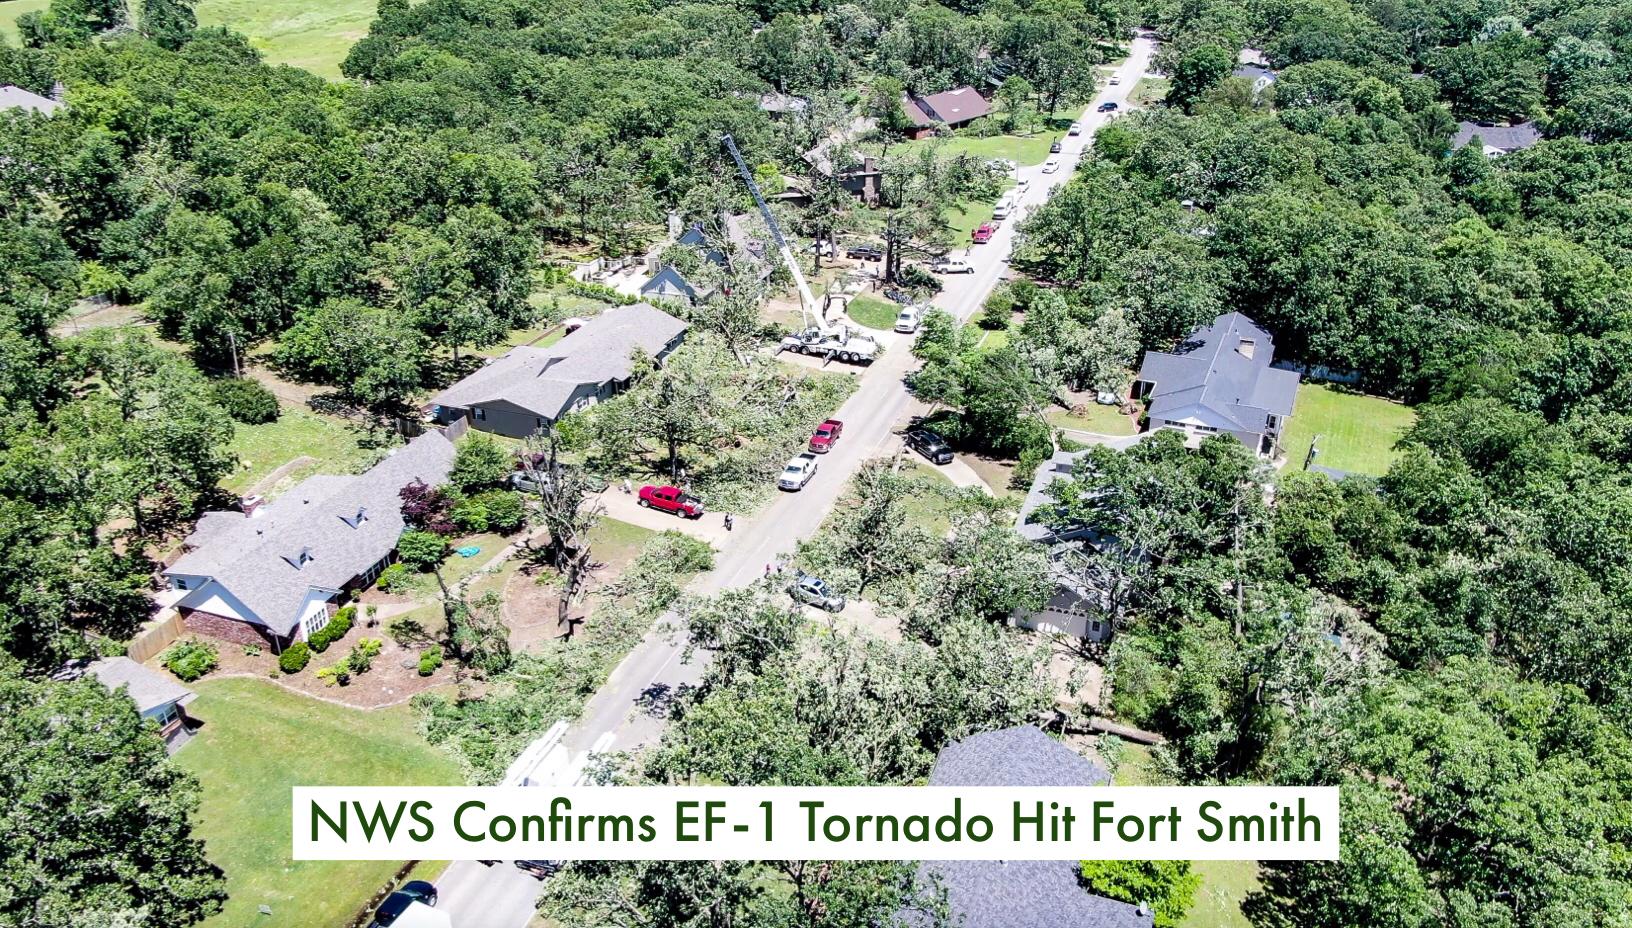 NWS Confirms EF-1 Tornado Hit Fort Smith Saturday thumbnail